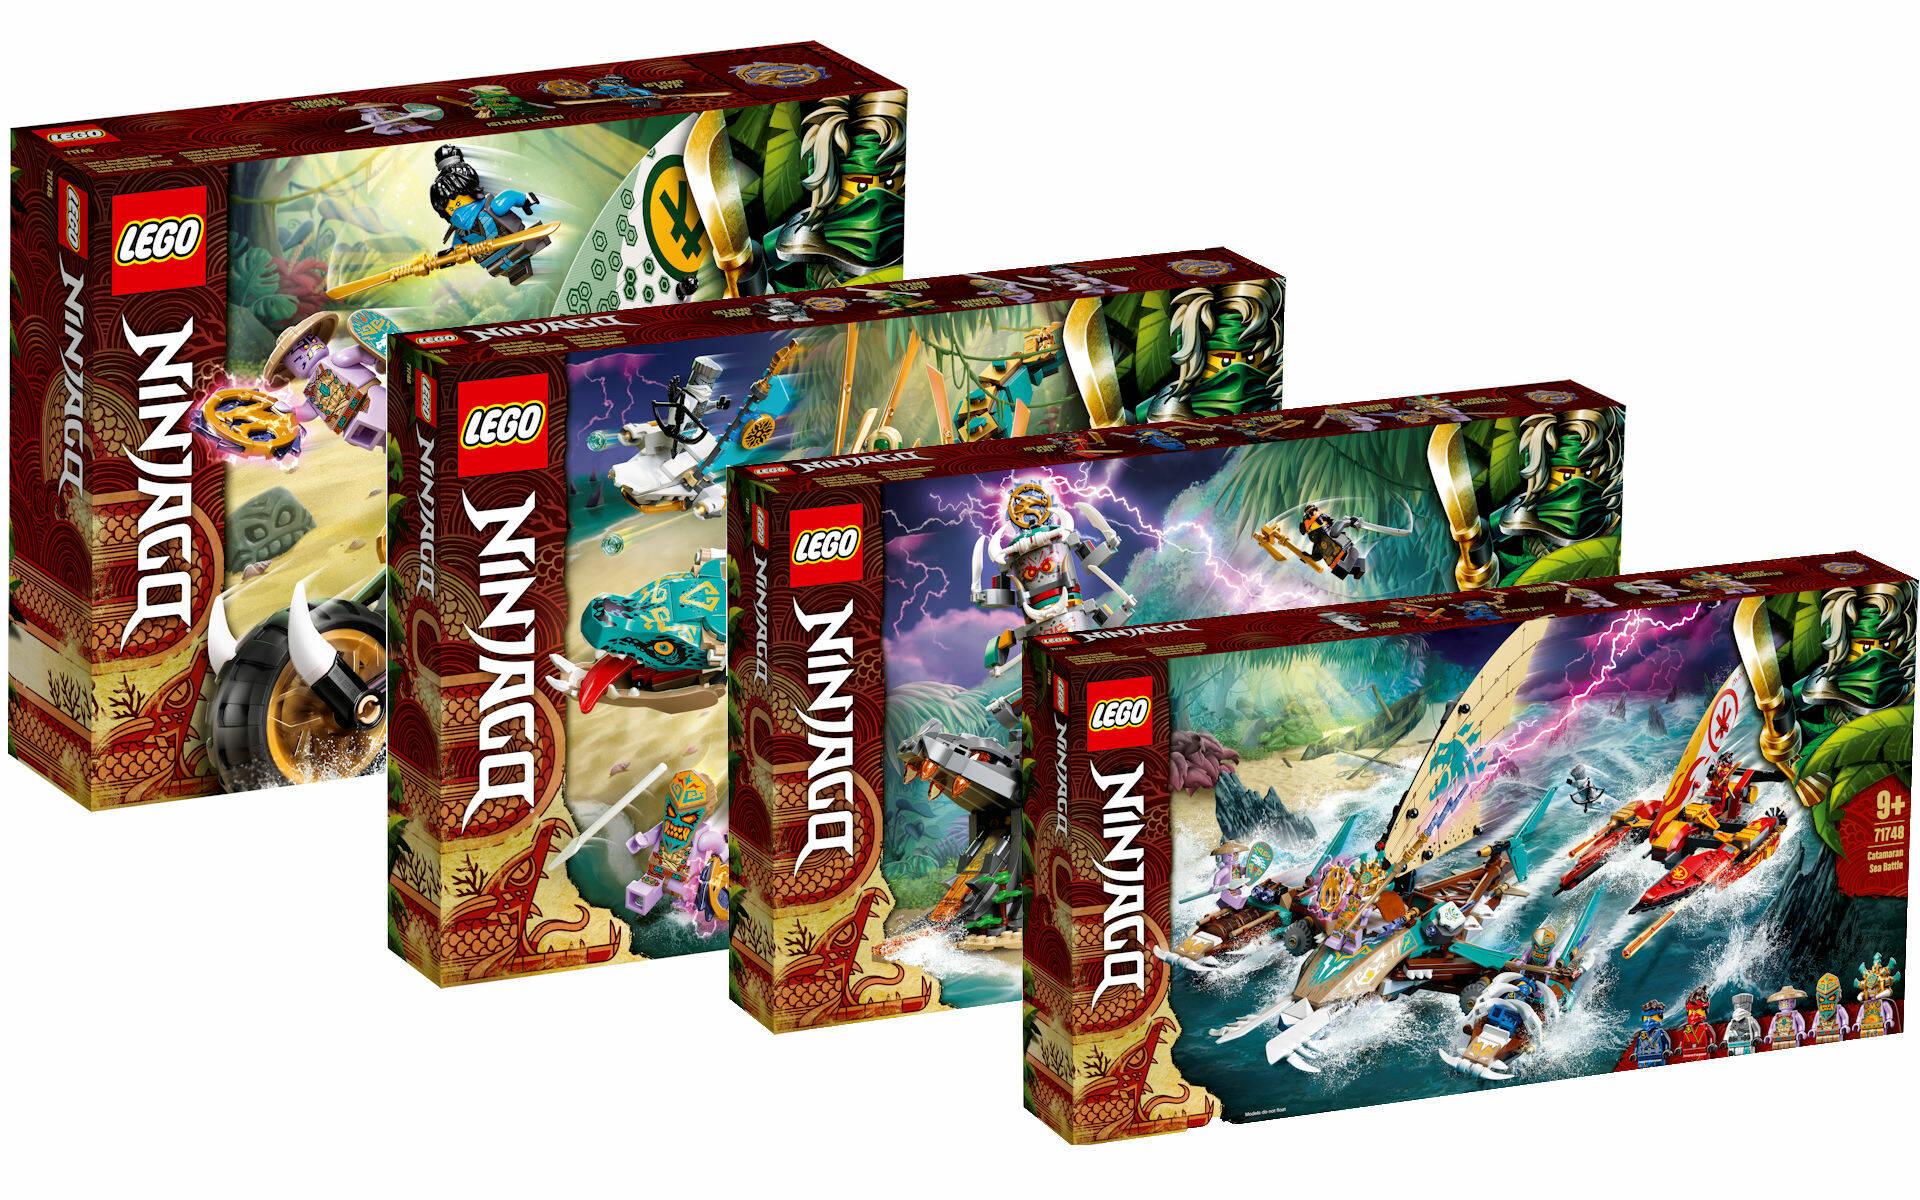 LEGO NINJAGO LEGACY ANNIVERSARIO